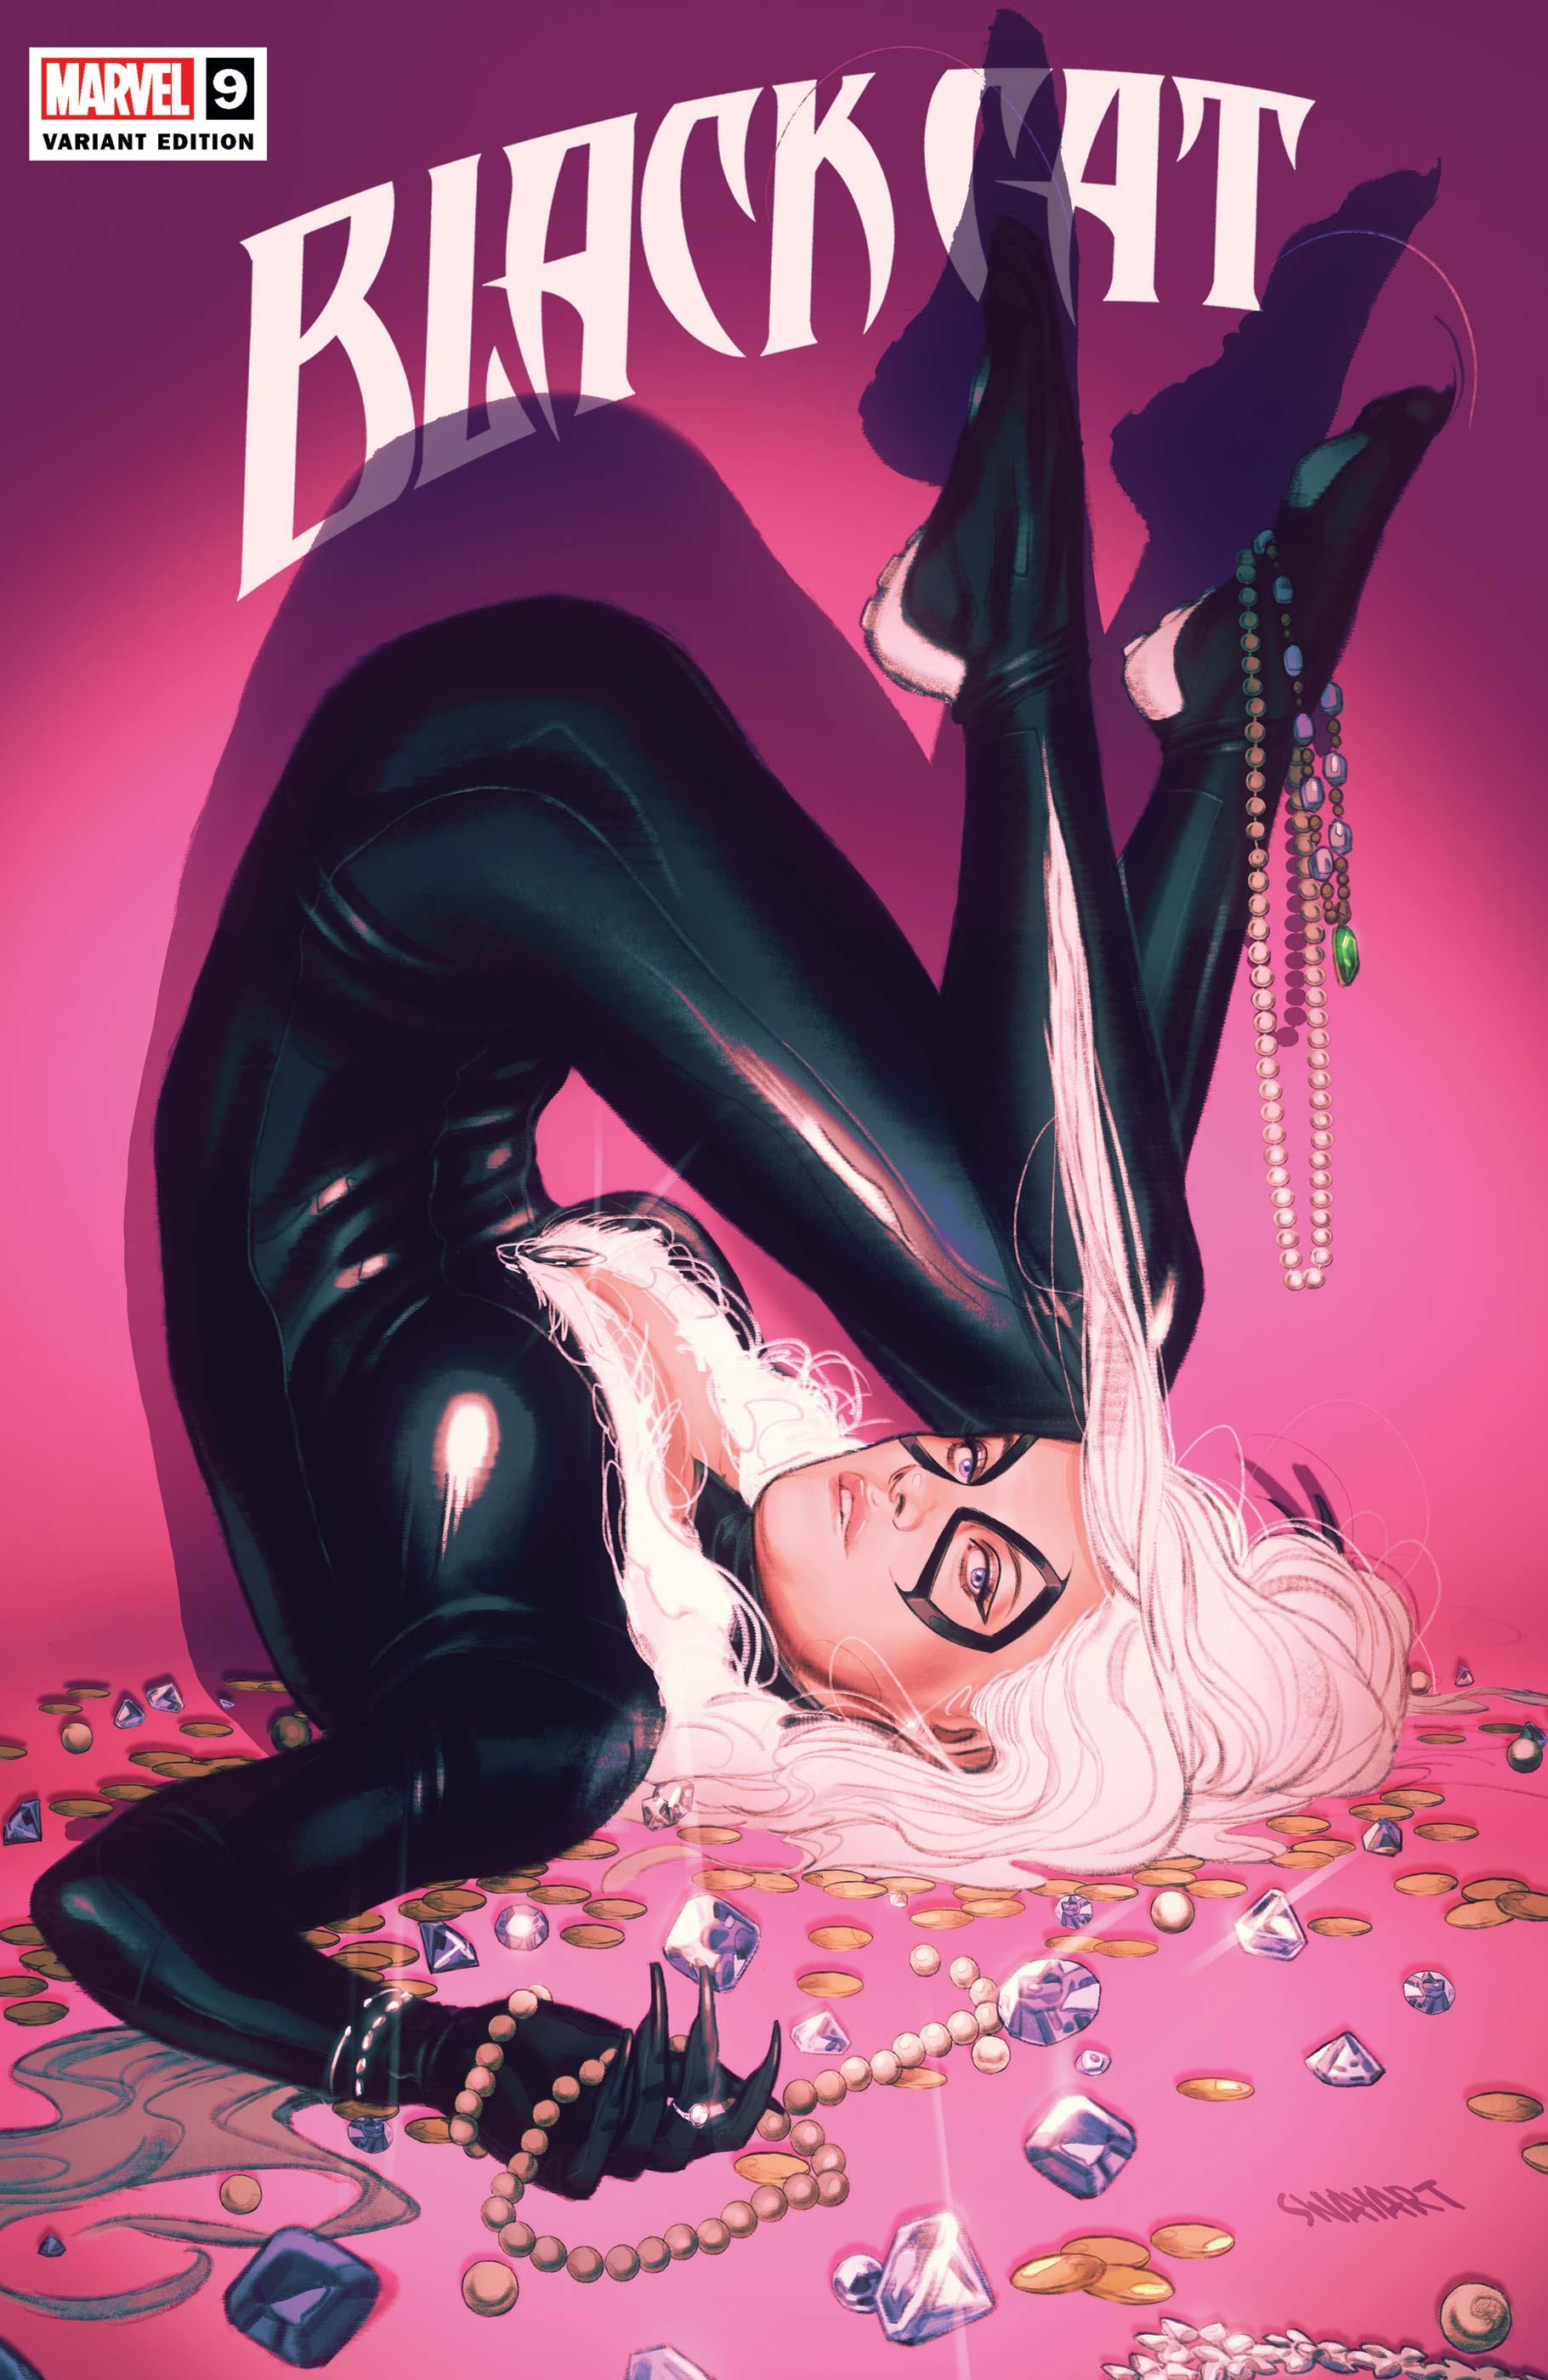 Black Cat (2020) #9 (Variant)